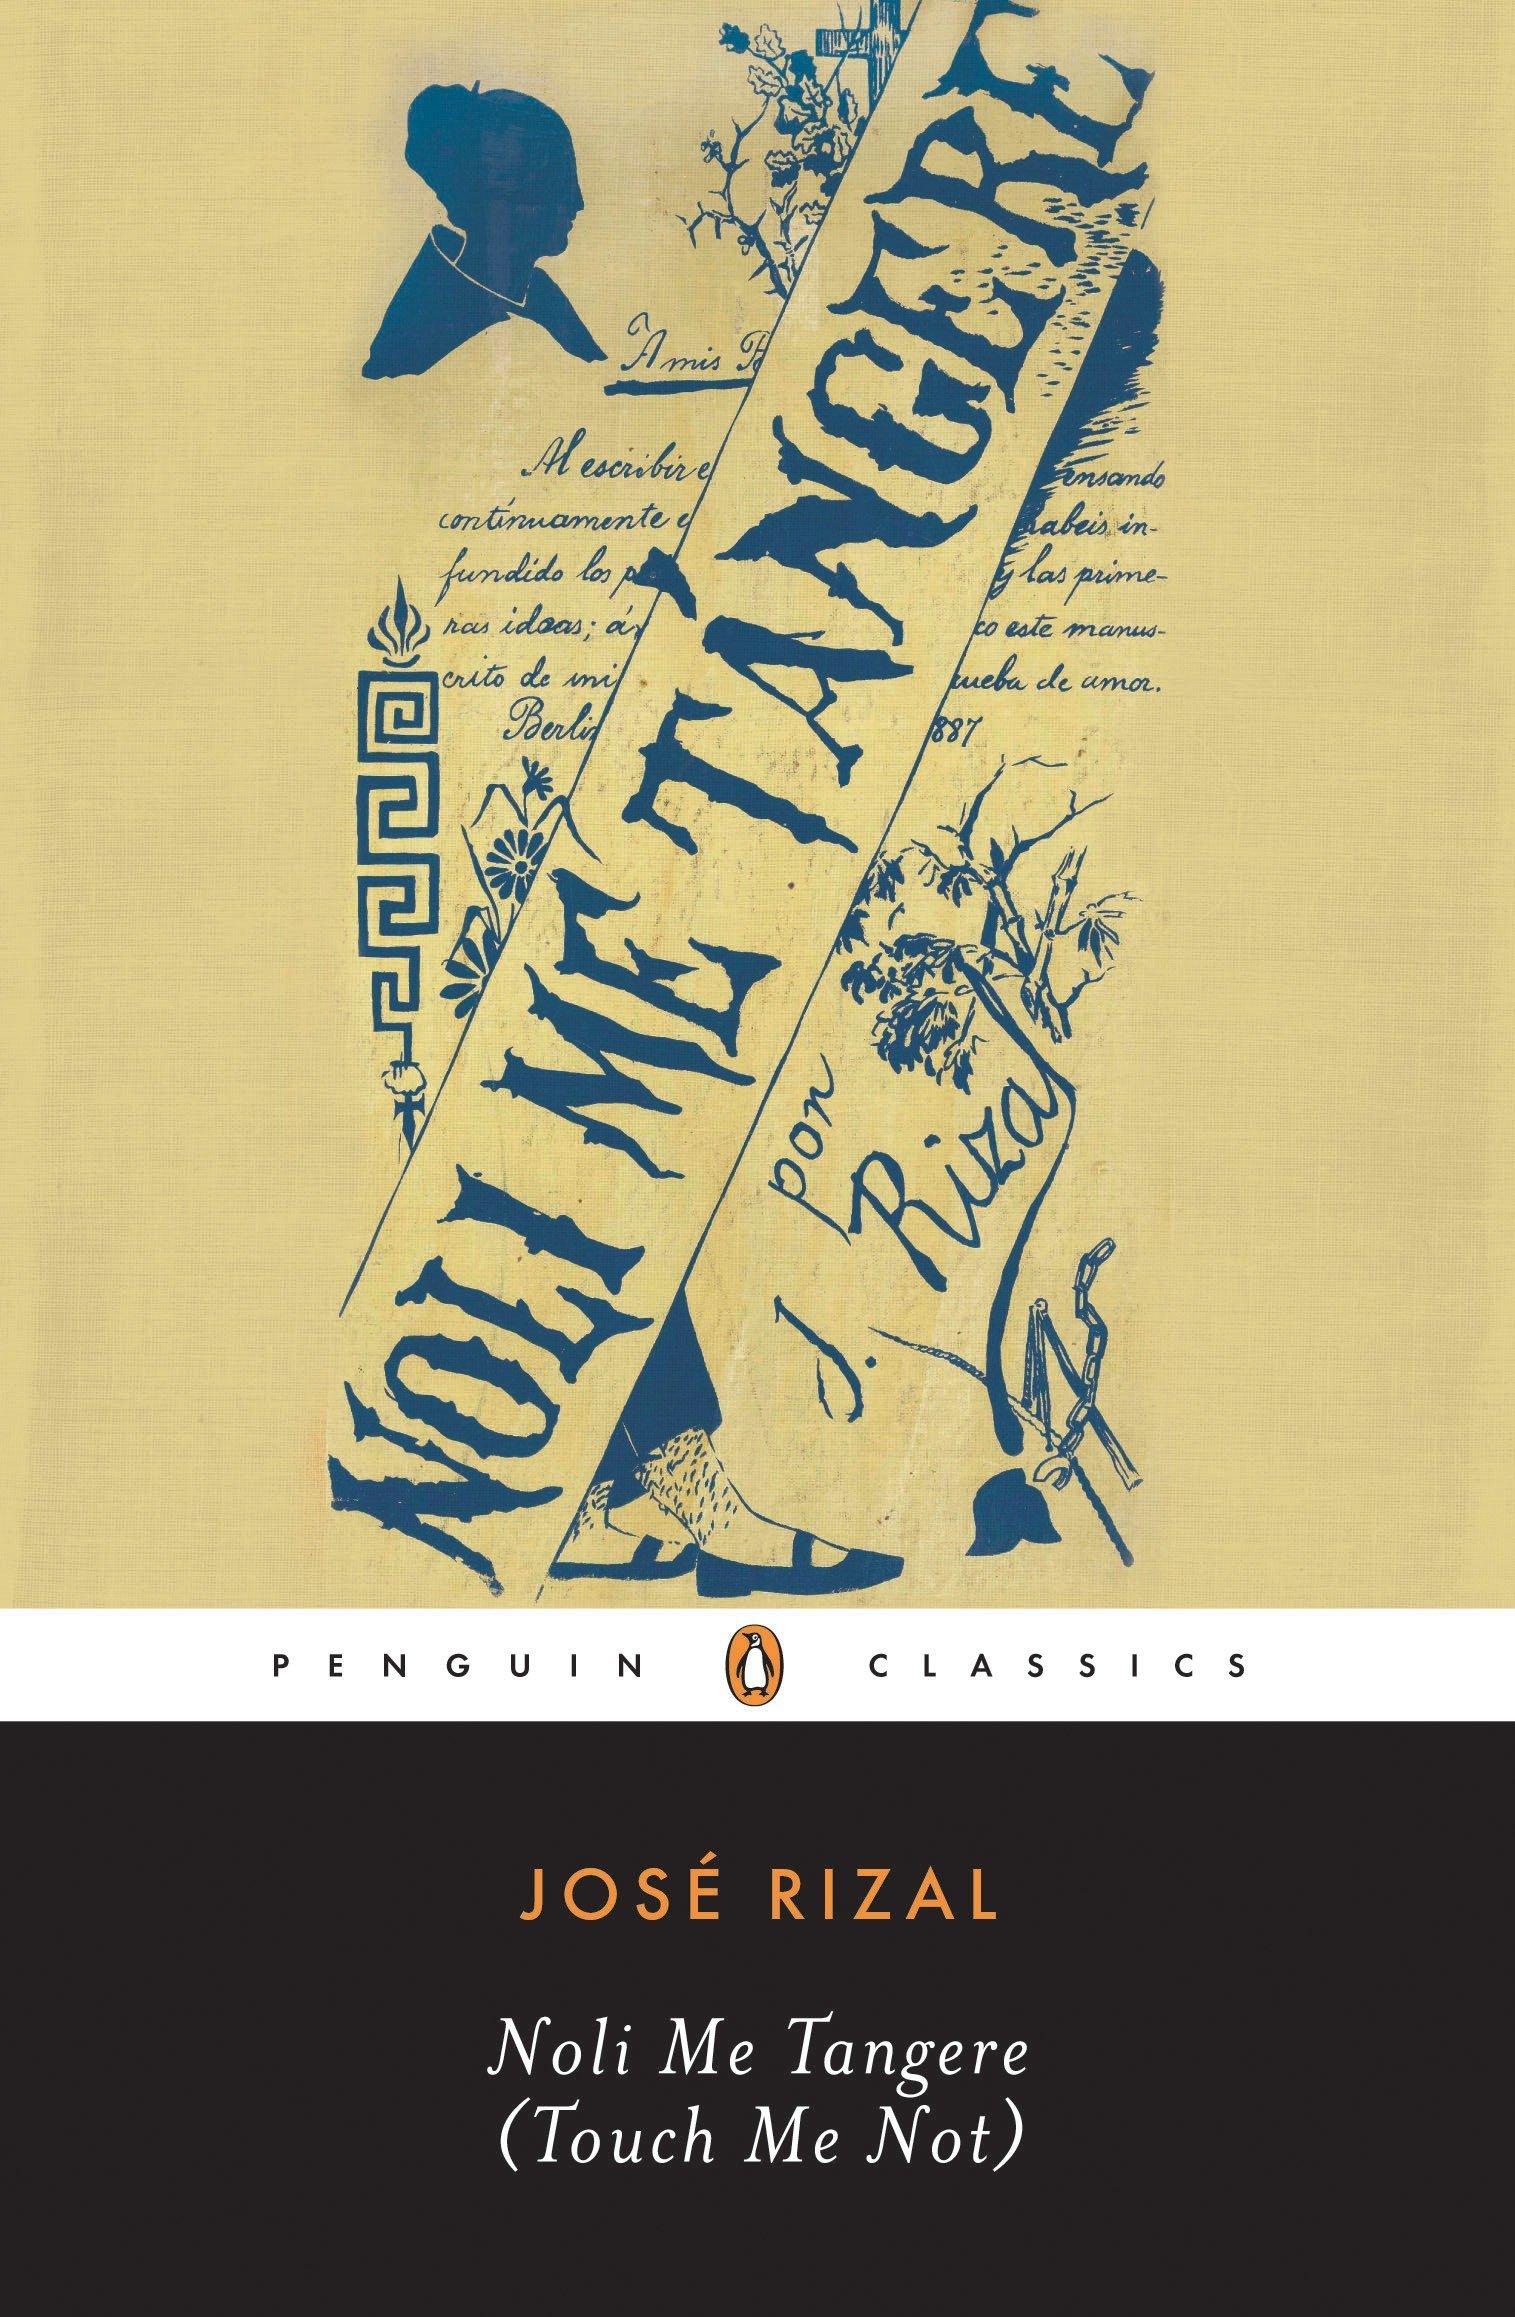 Noli Me Tangere Touch Me Not Penguin Classics Amazon.de ...